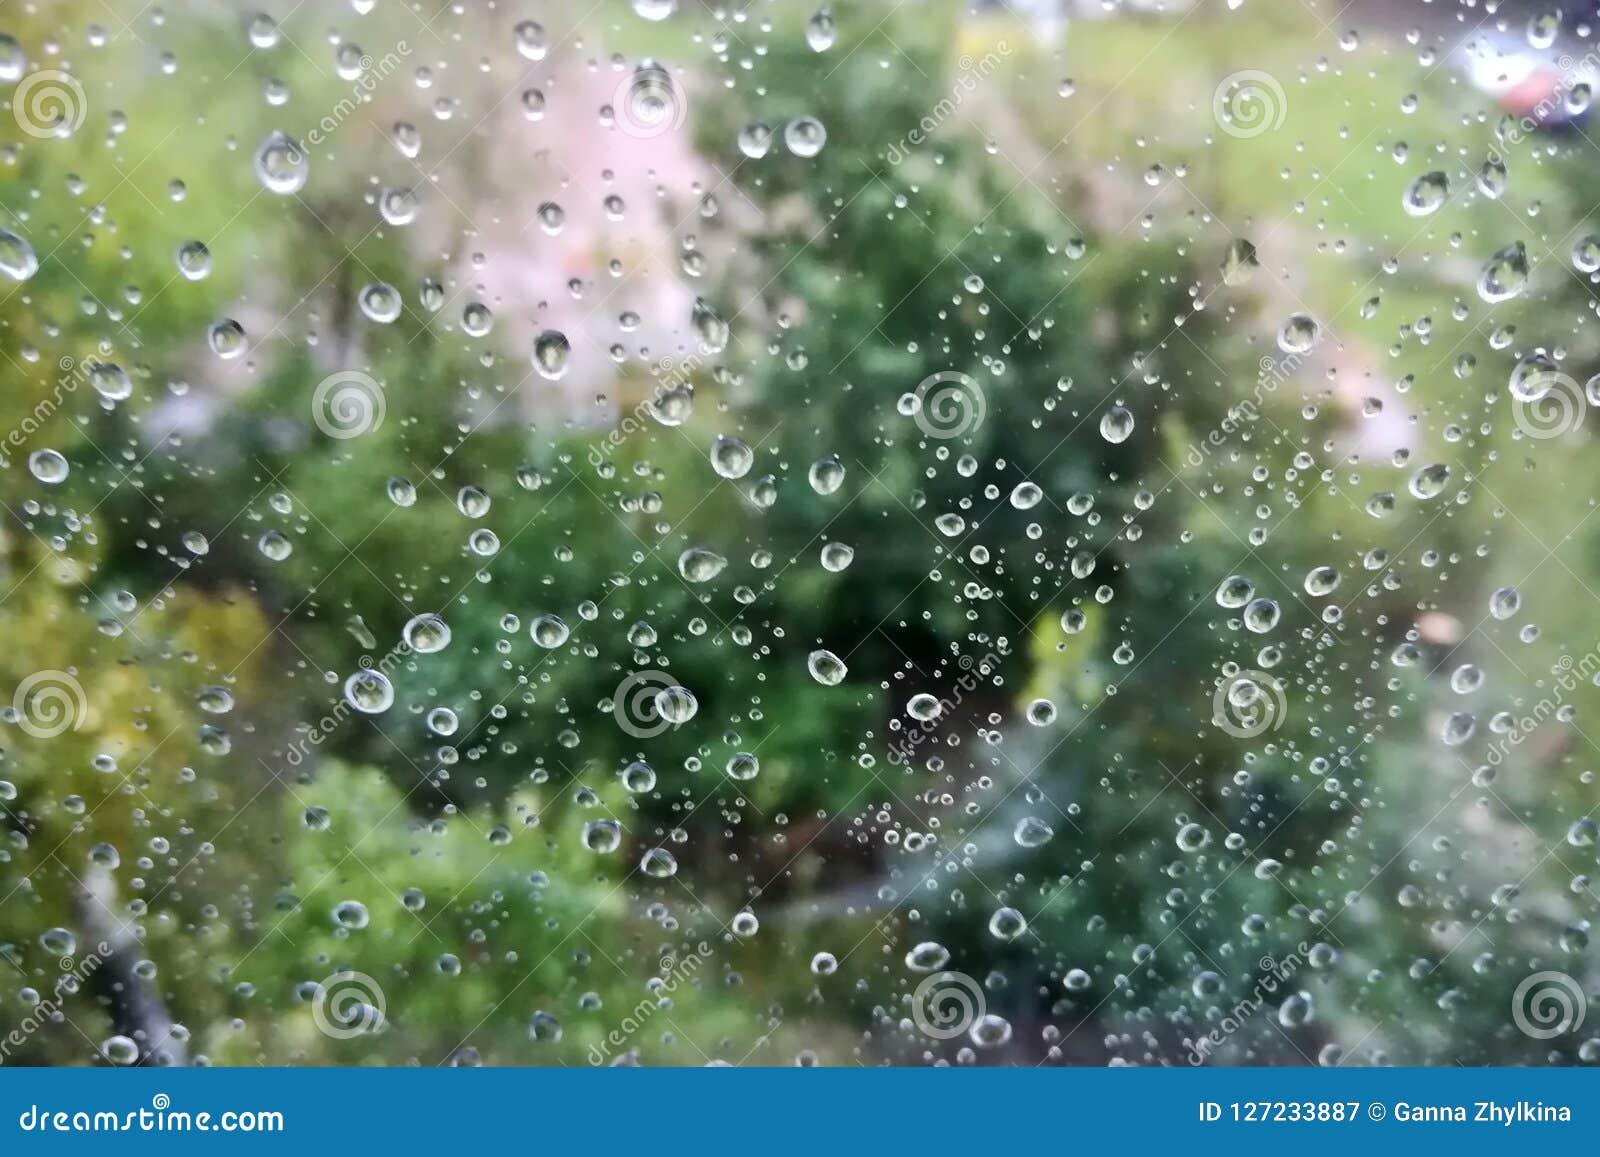 Glass raindrops